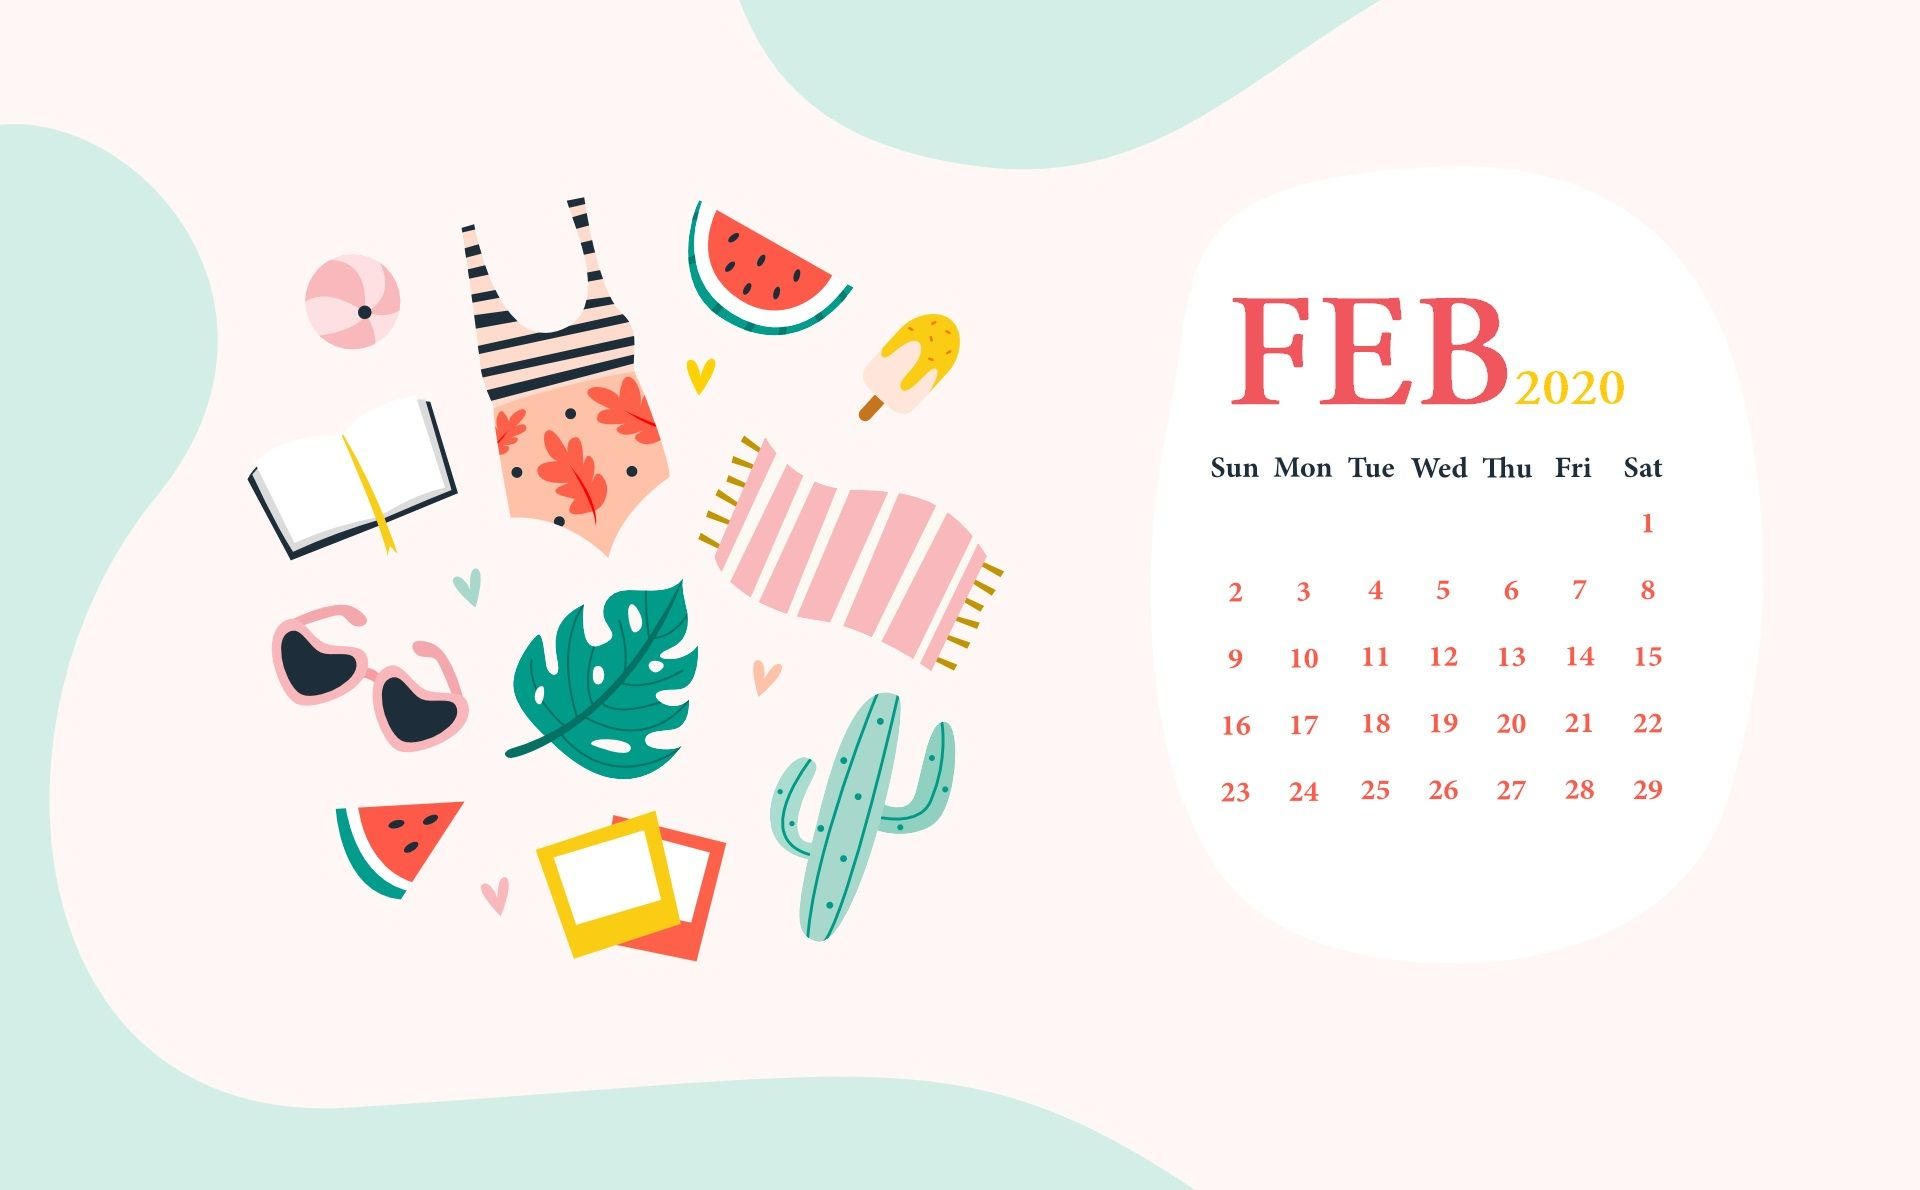 February 2020 Desktop Wallpaper Calendar Desktop wallpaper